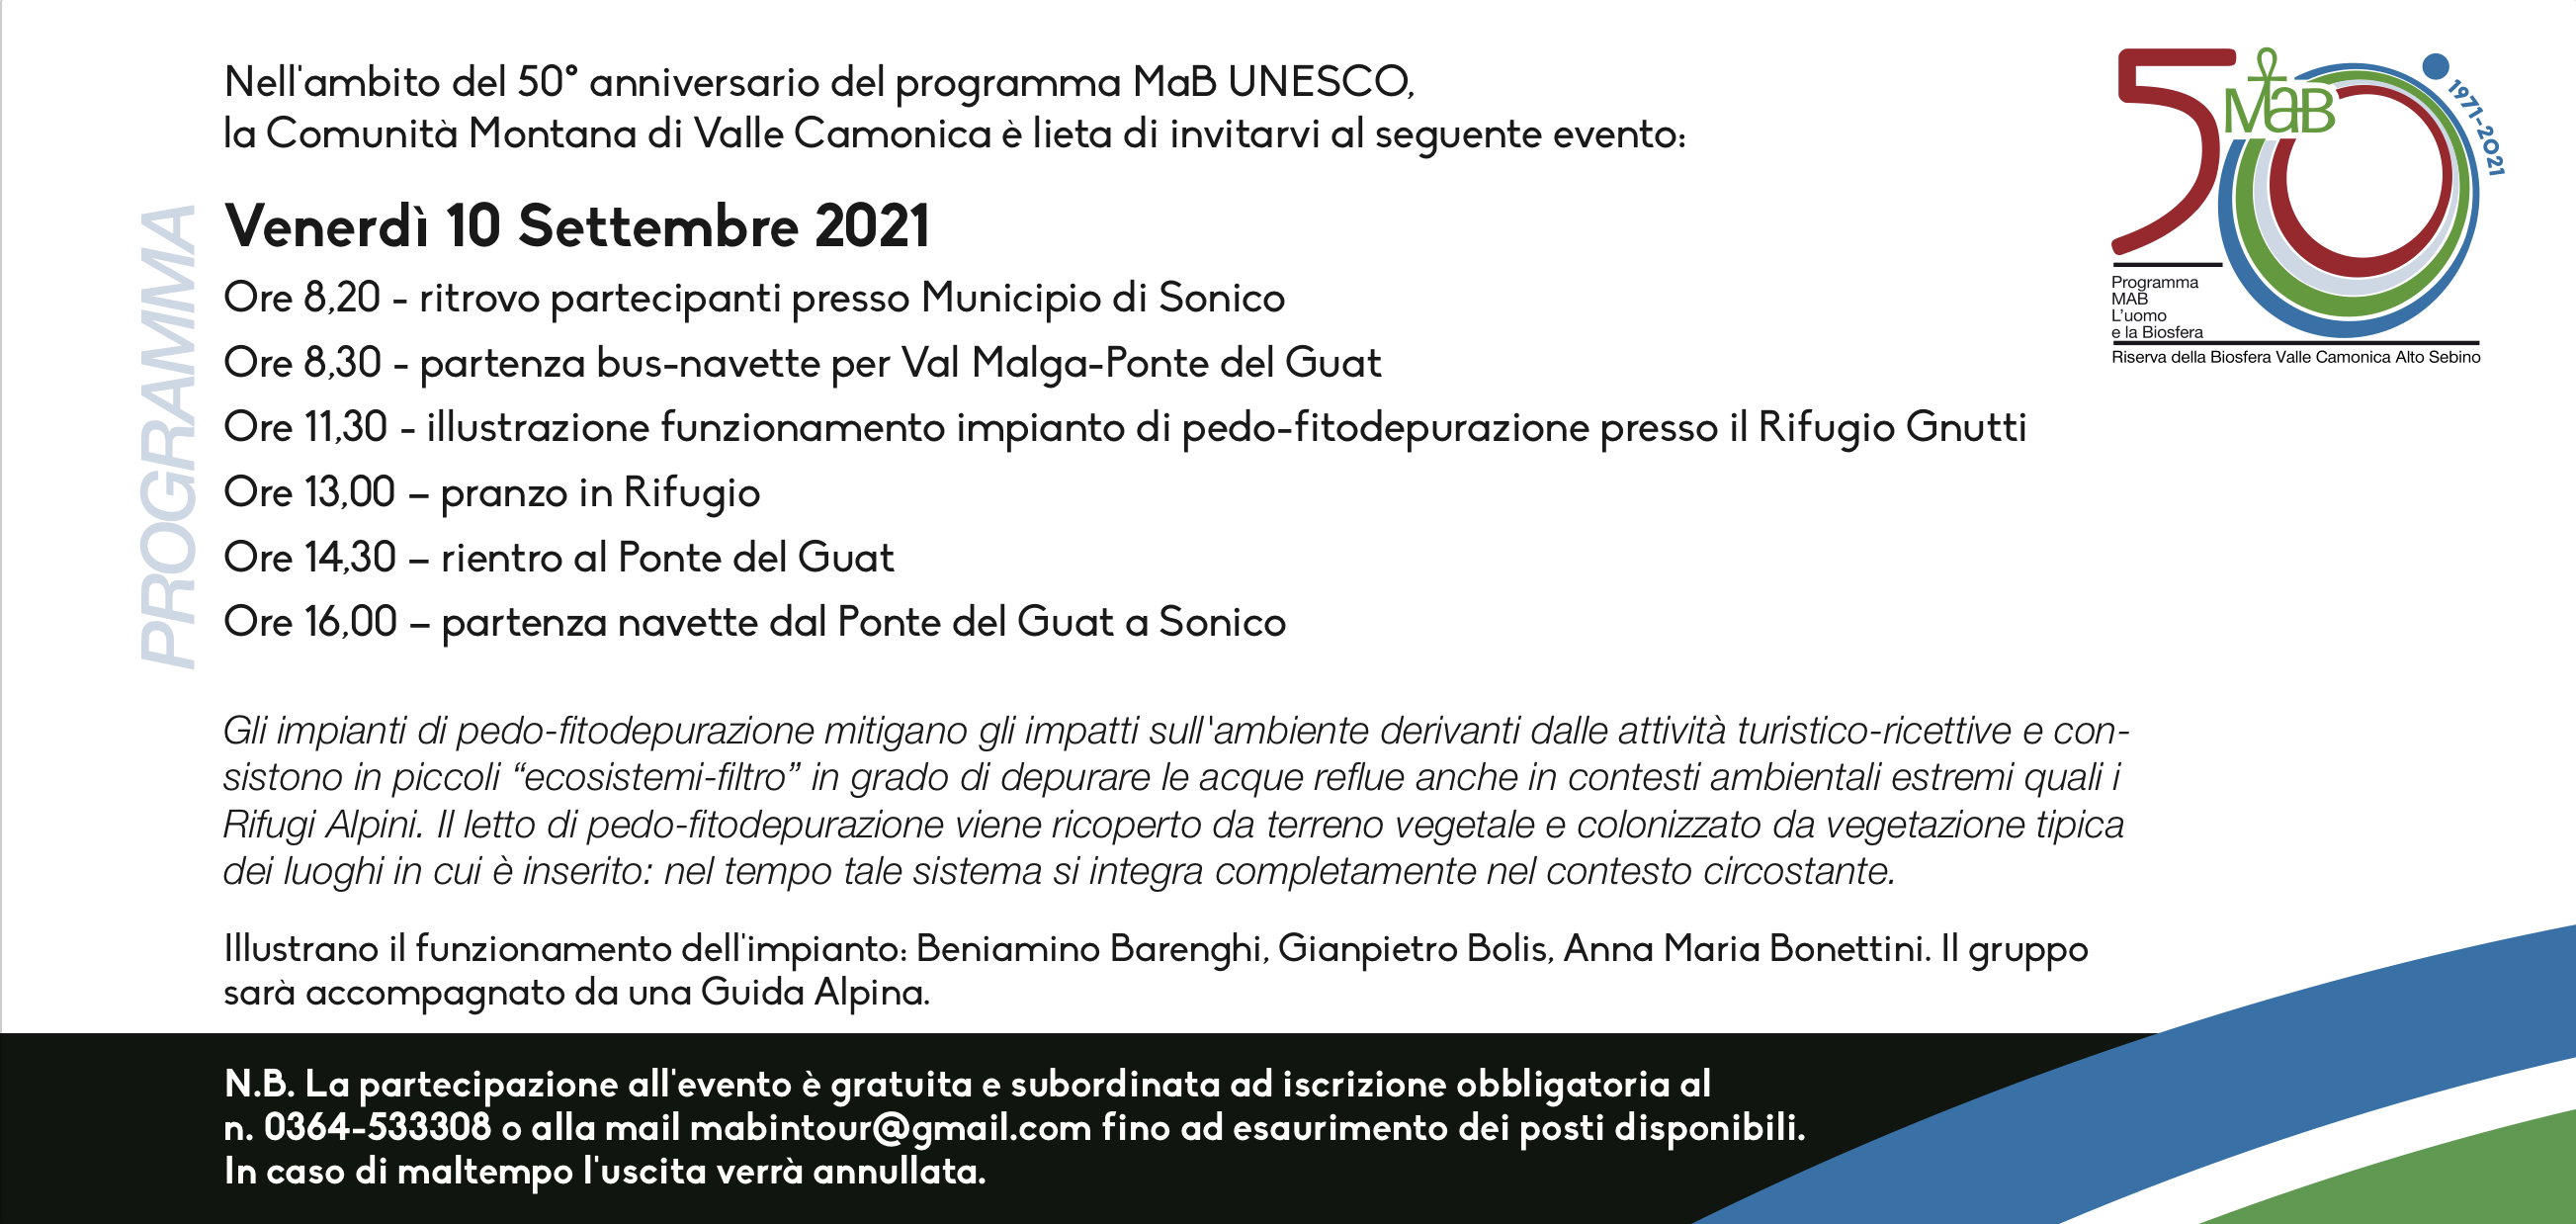 Invito 10 settembre - 50° anniversario MAB Unesco Valle Camonica